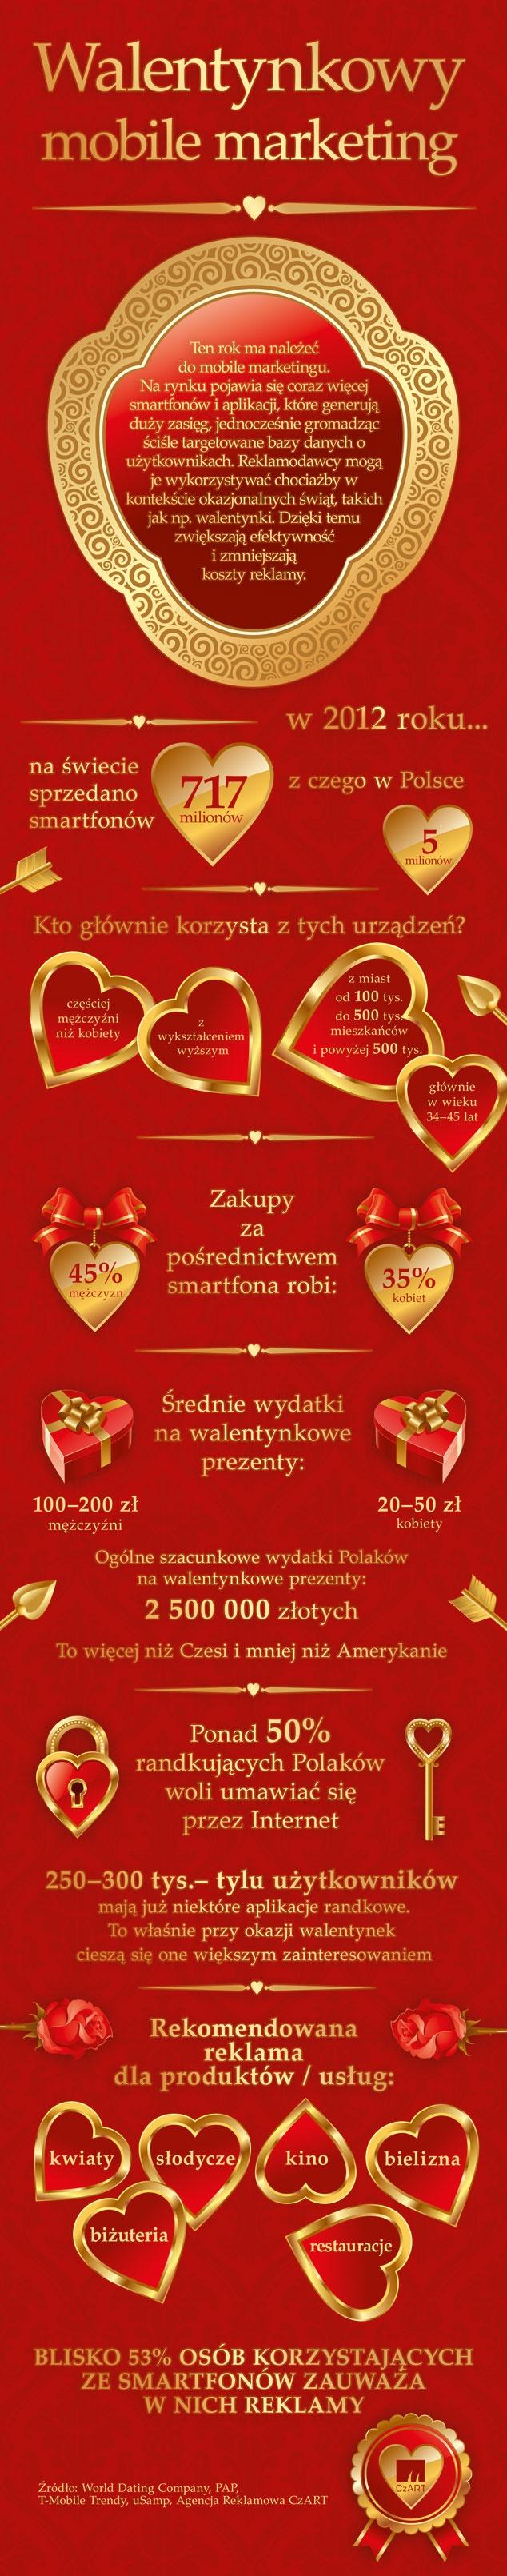 Walentynki, ale też i dzień kobiet, babci, dziadka, Halloween itp. święta to doskonałe okazje do wykorzystania przez reklamodawców w kontekście mobile marketingu. Infografika: Agencja Reklamowa CzART